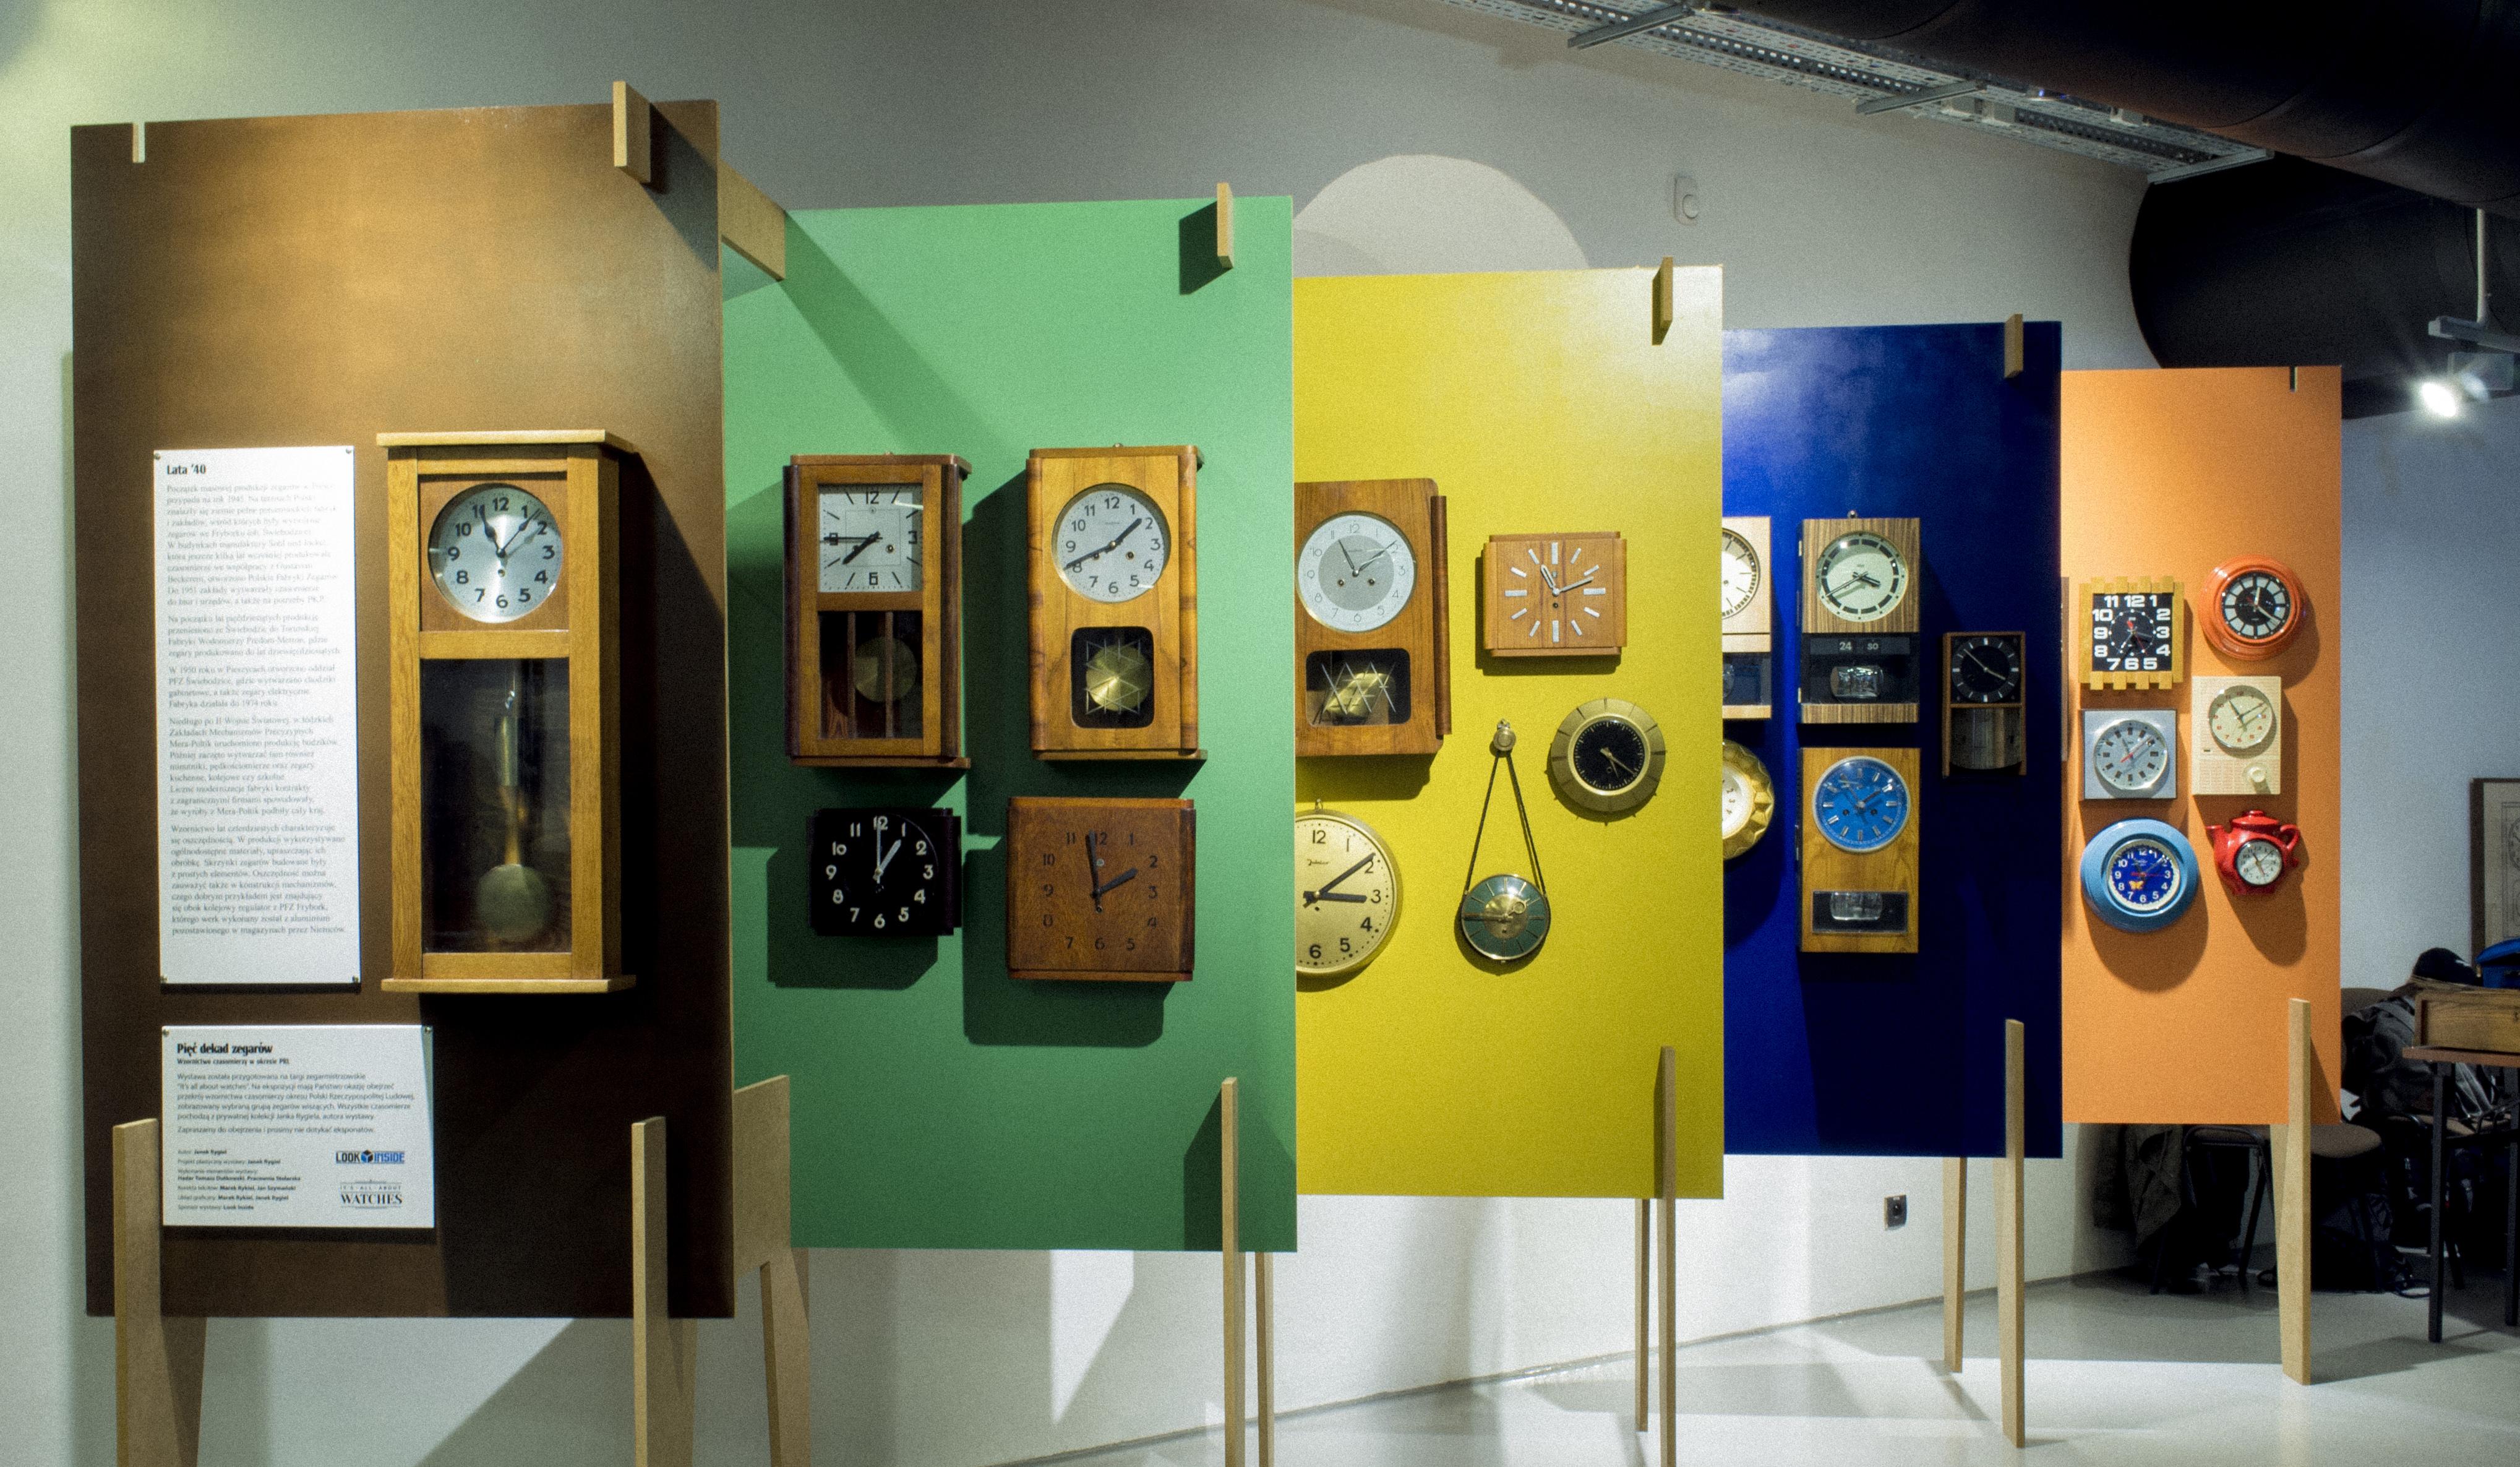 co w warszawie - muzeum zegarów polskich